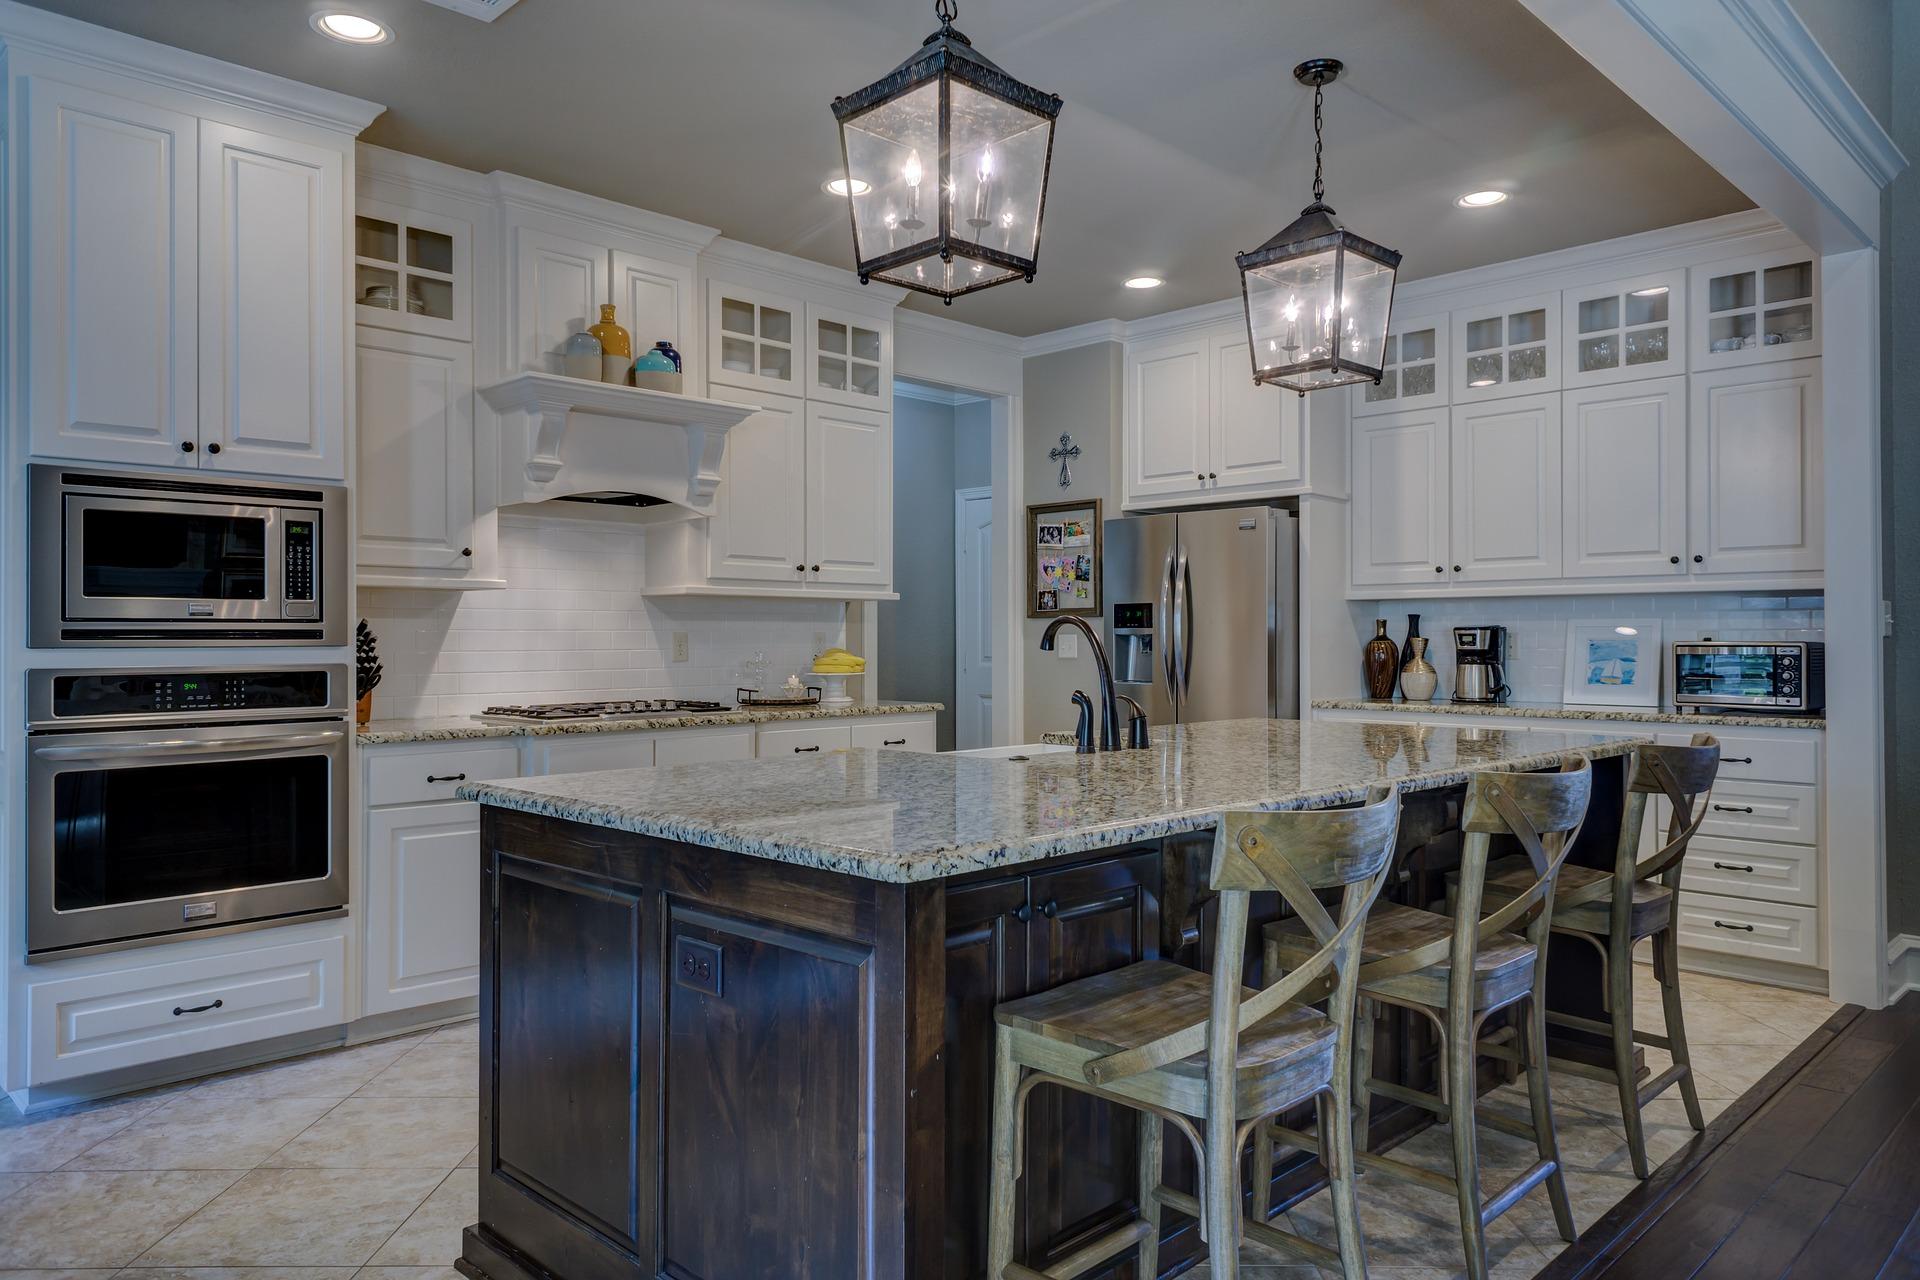 kitchen-1940174_1920.jpg